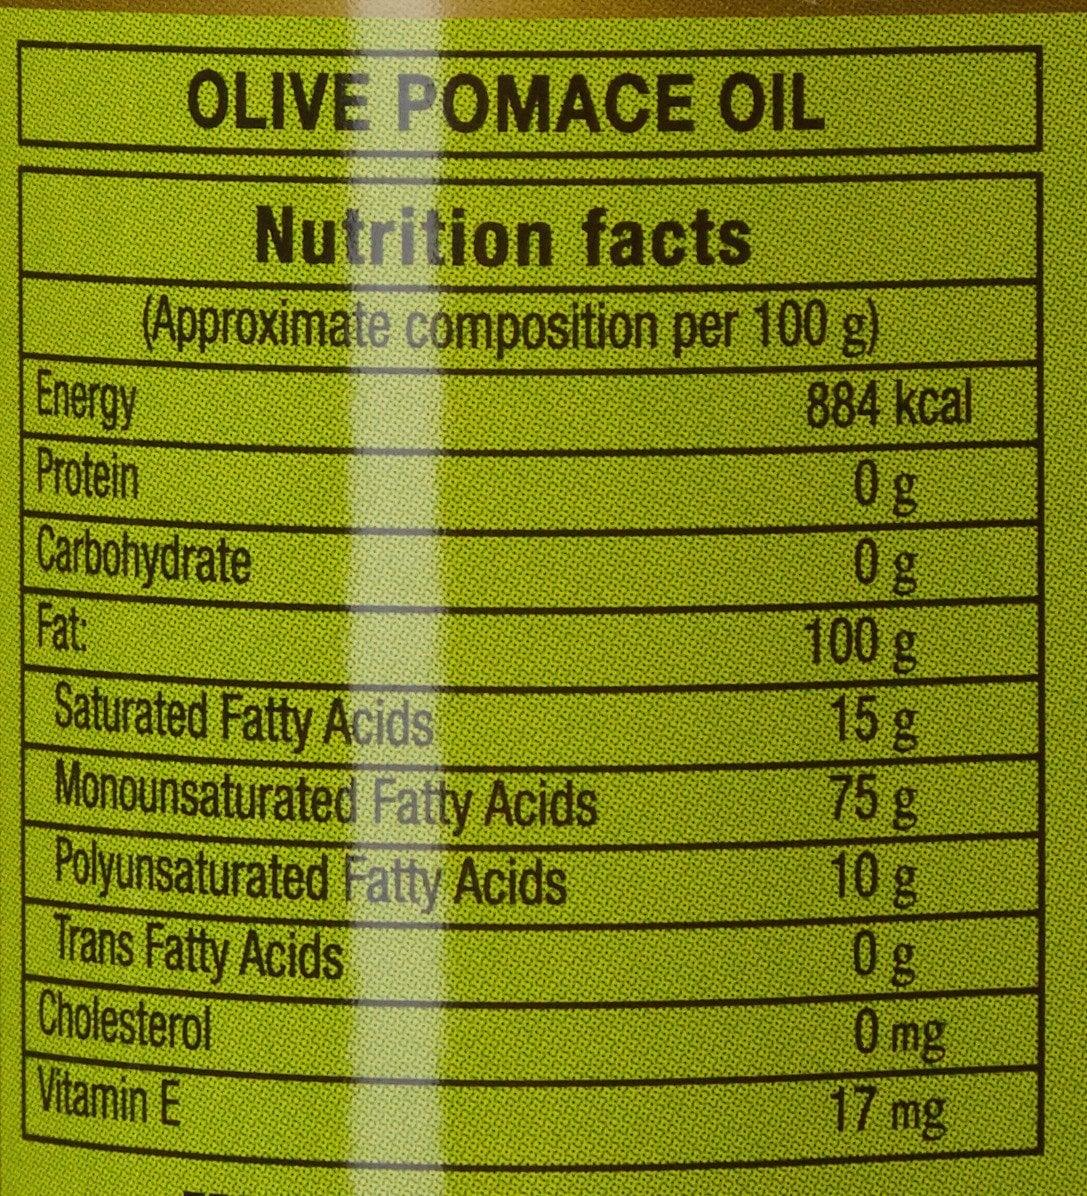 Leonardo Pomace Olive Oil